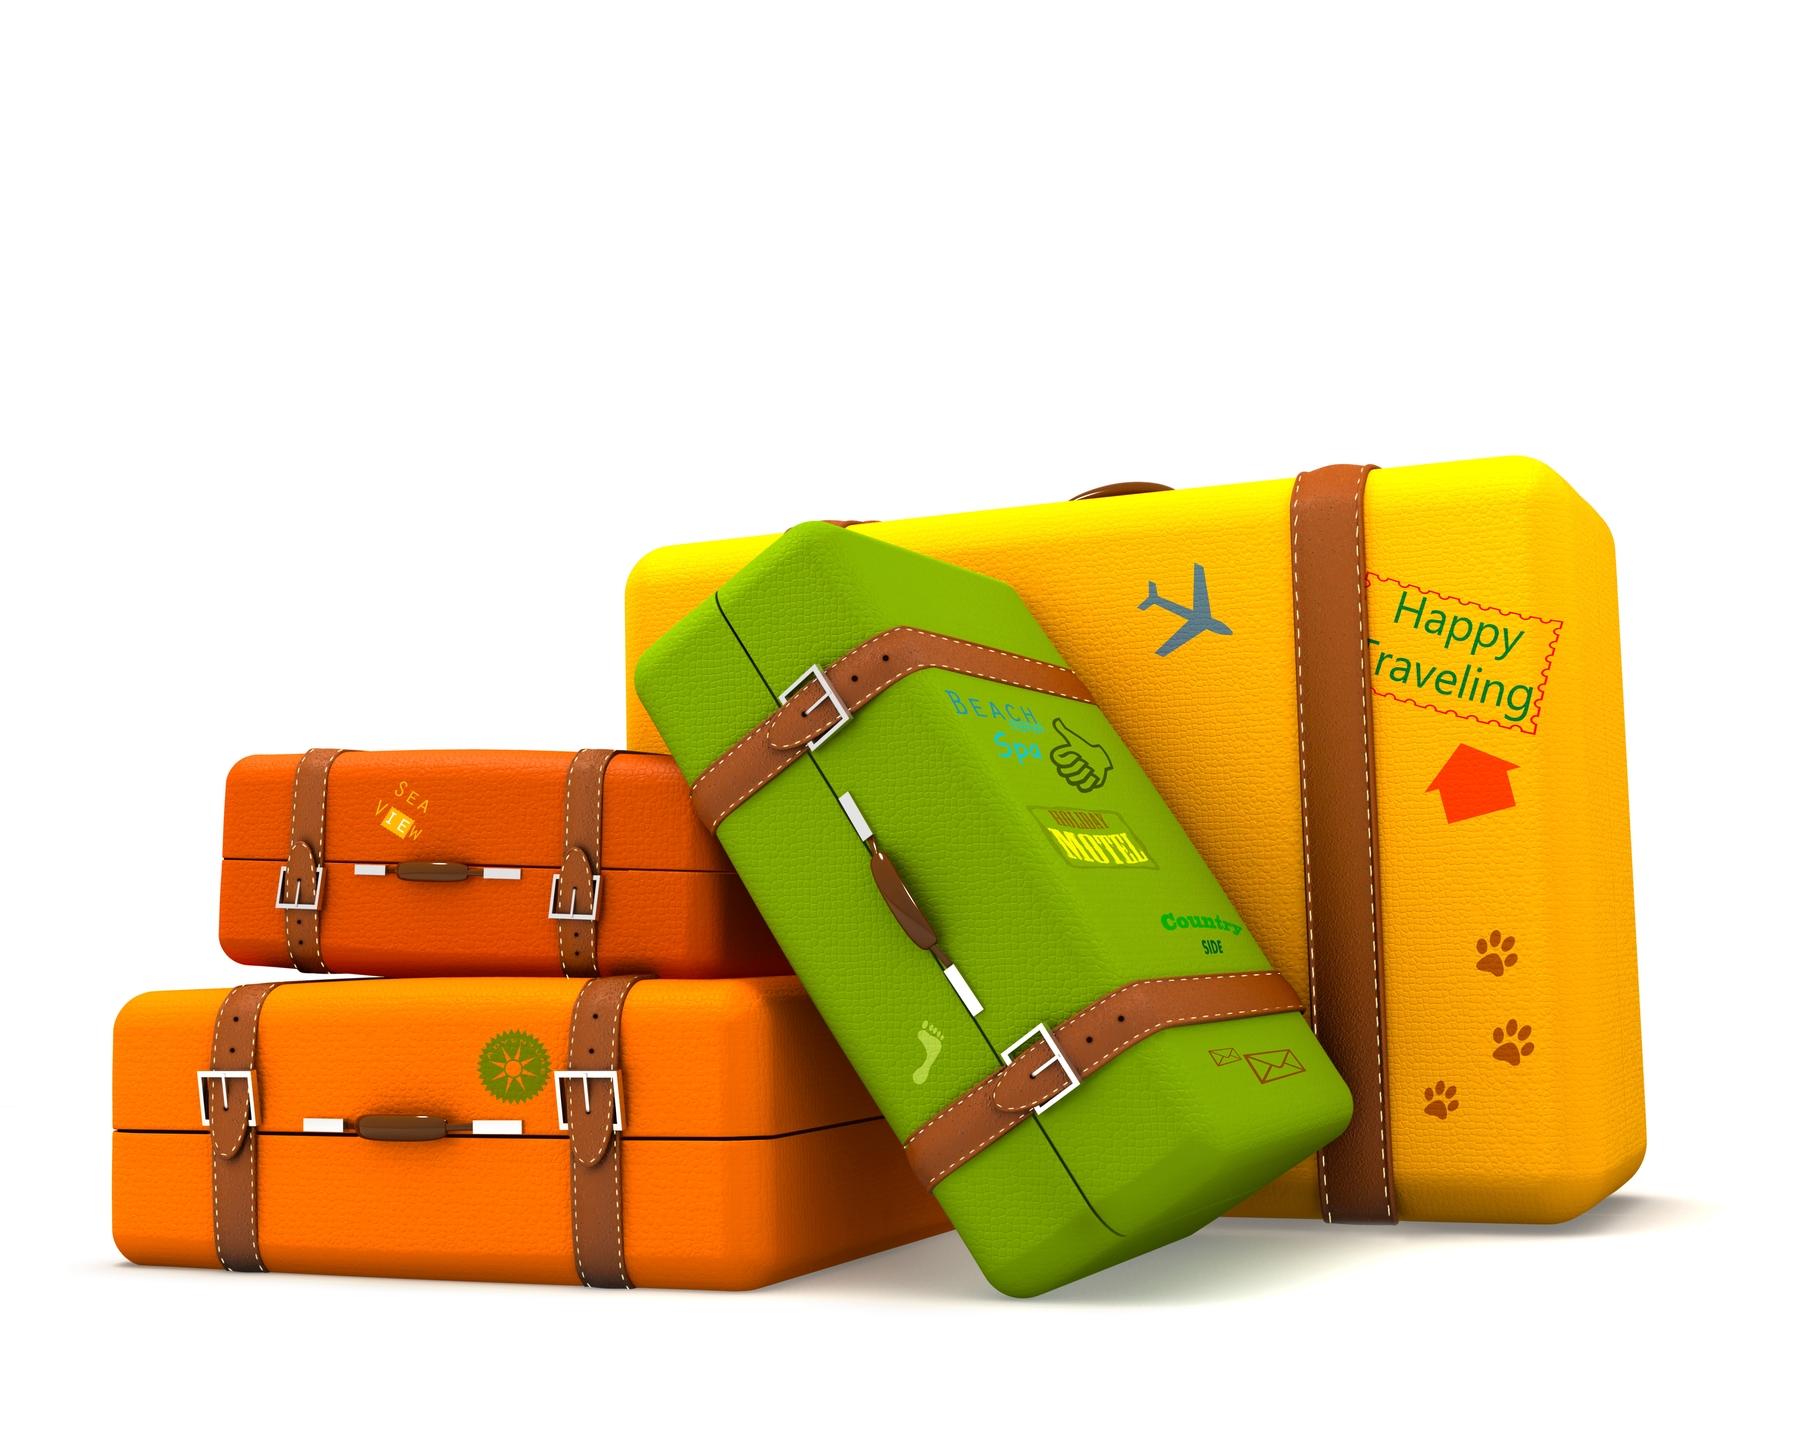 Politique bagage de la compagnie Ryanair